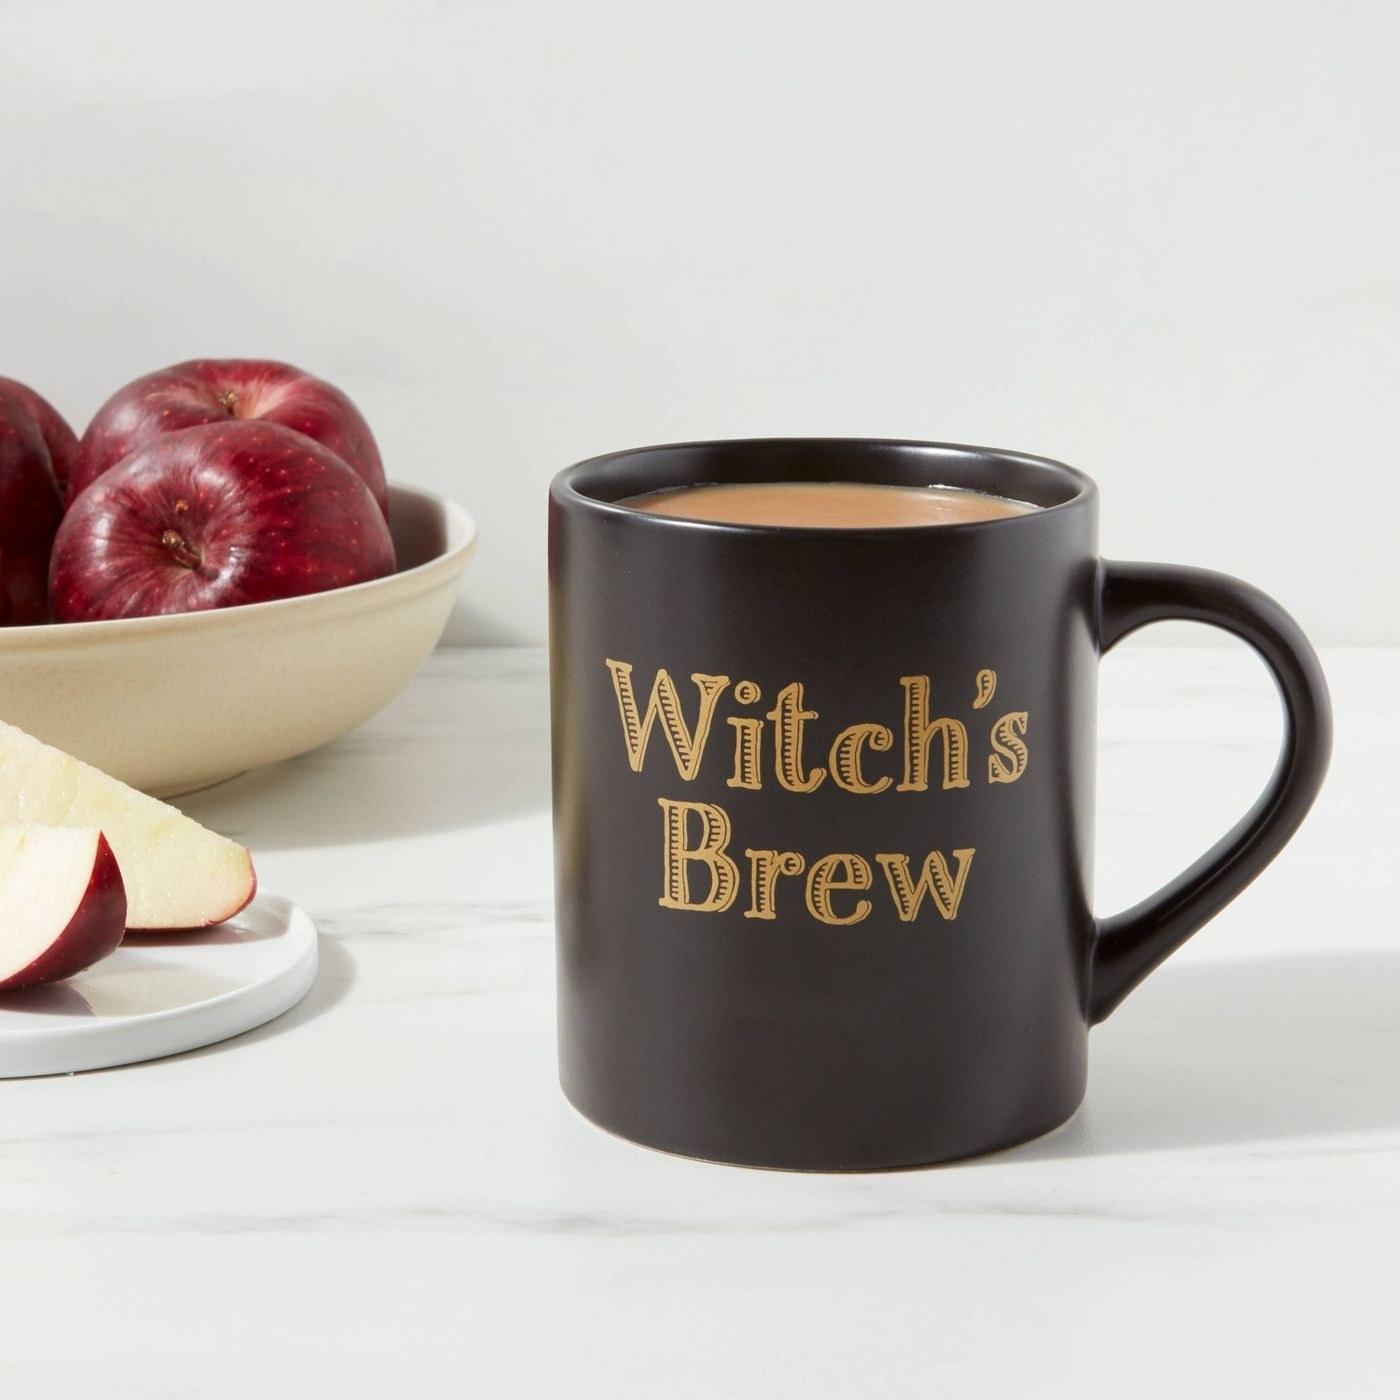 A black coffee mug